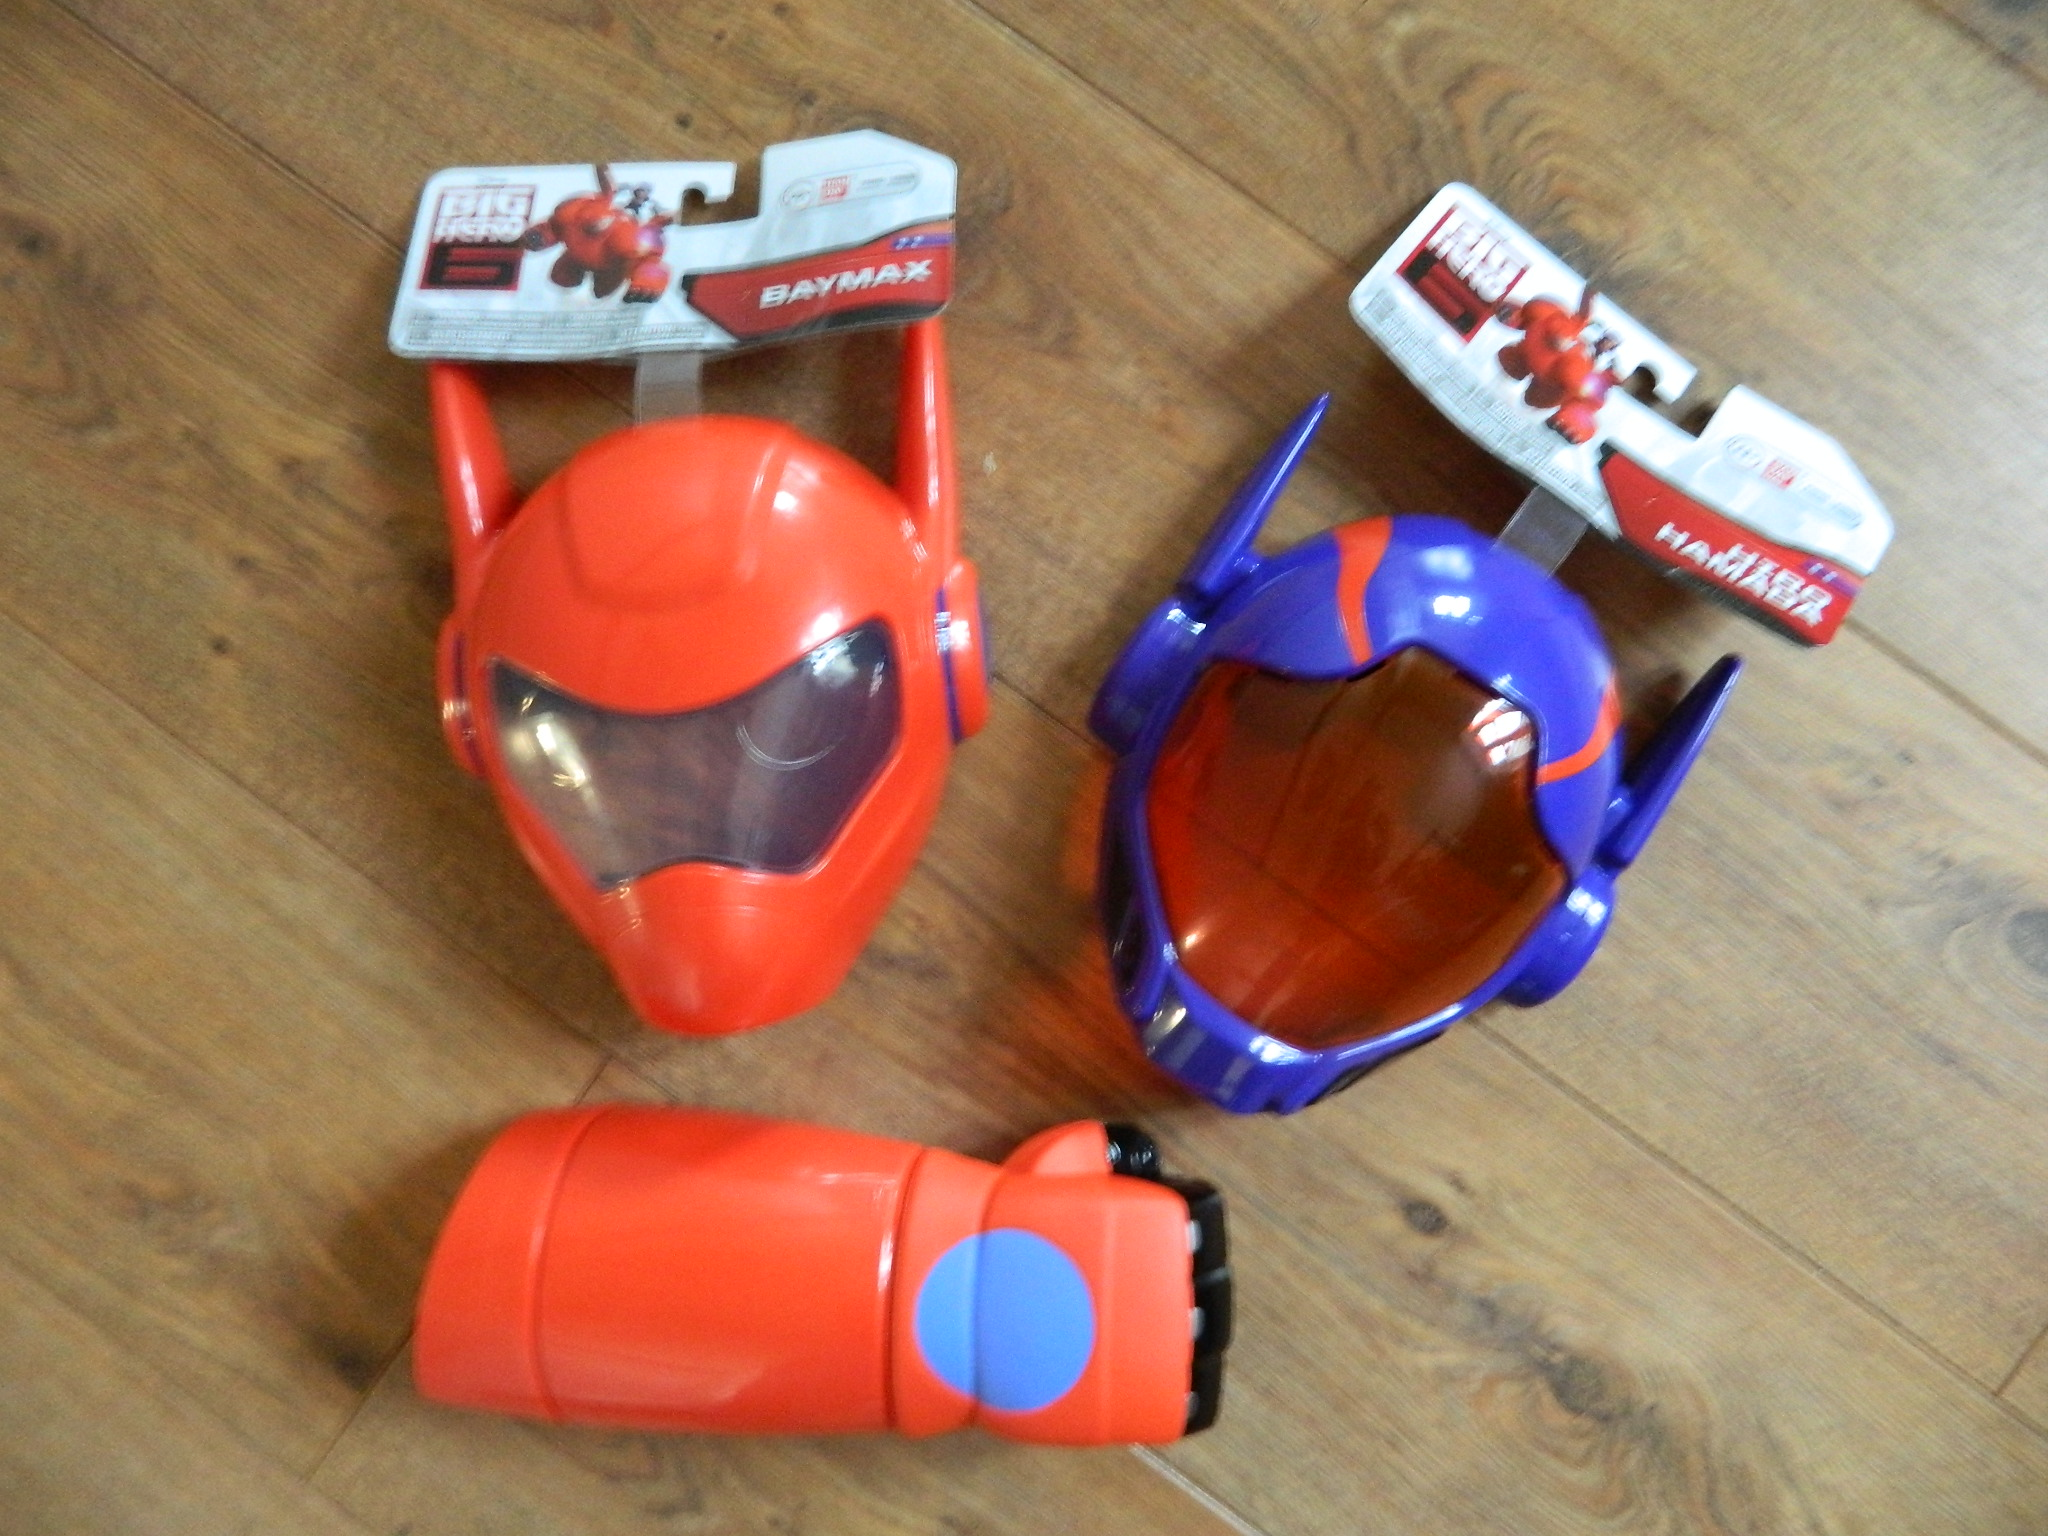 bandai  big hero 6 toy range